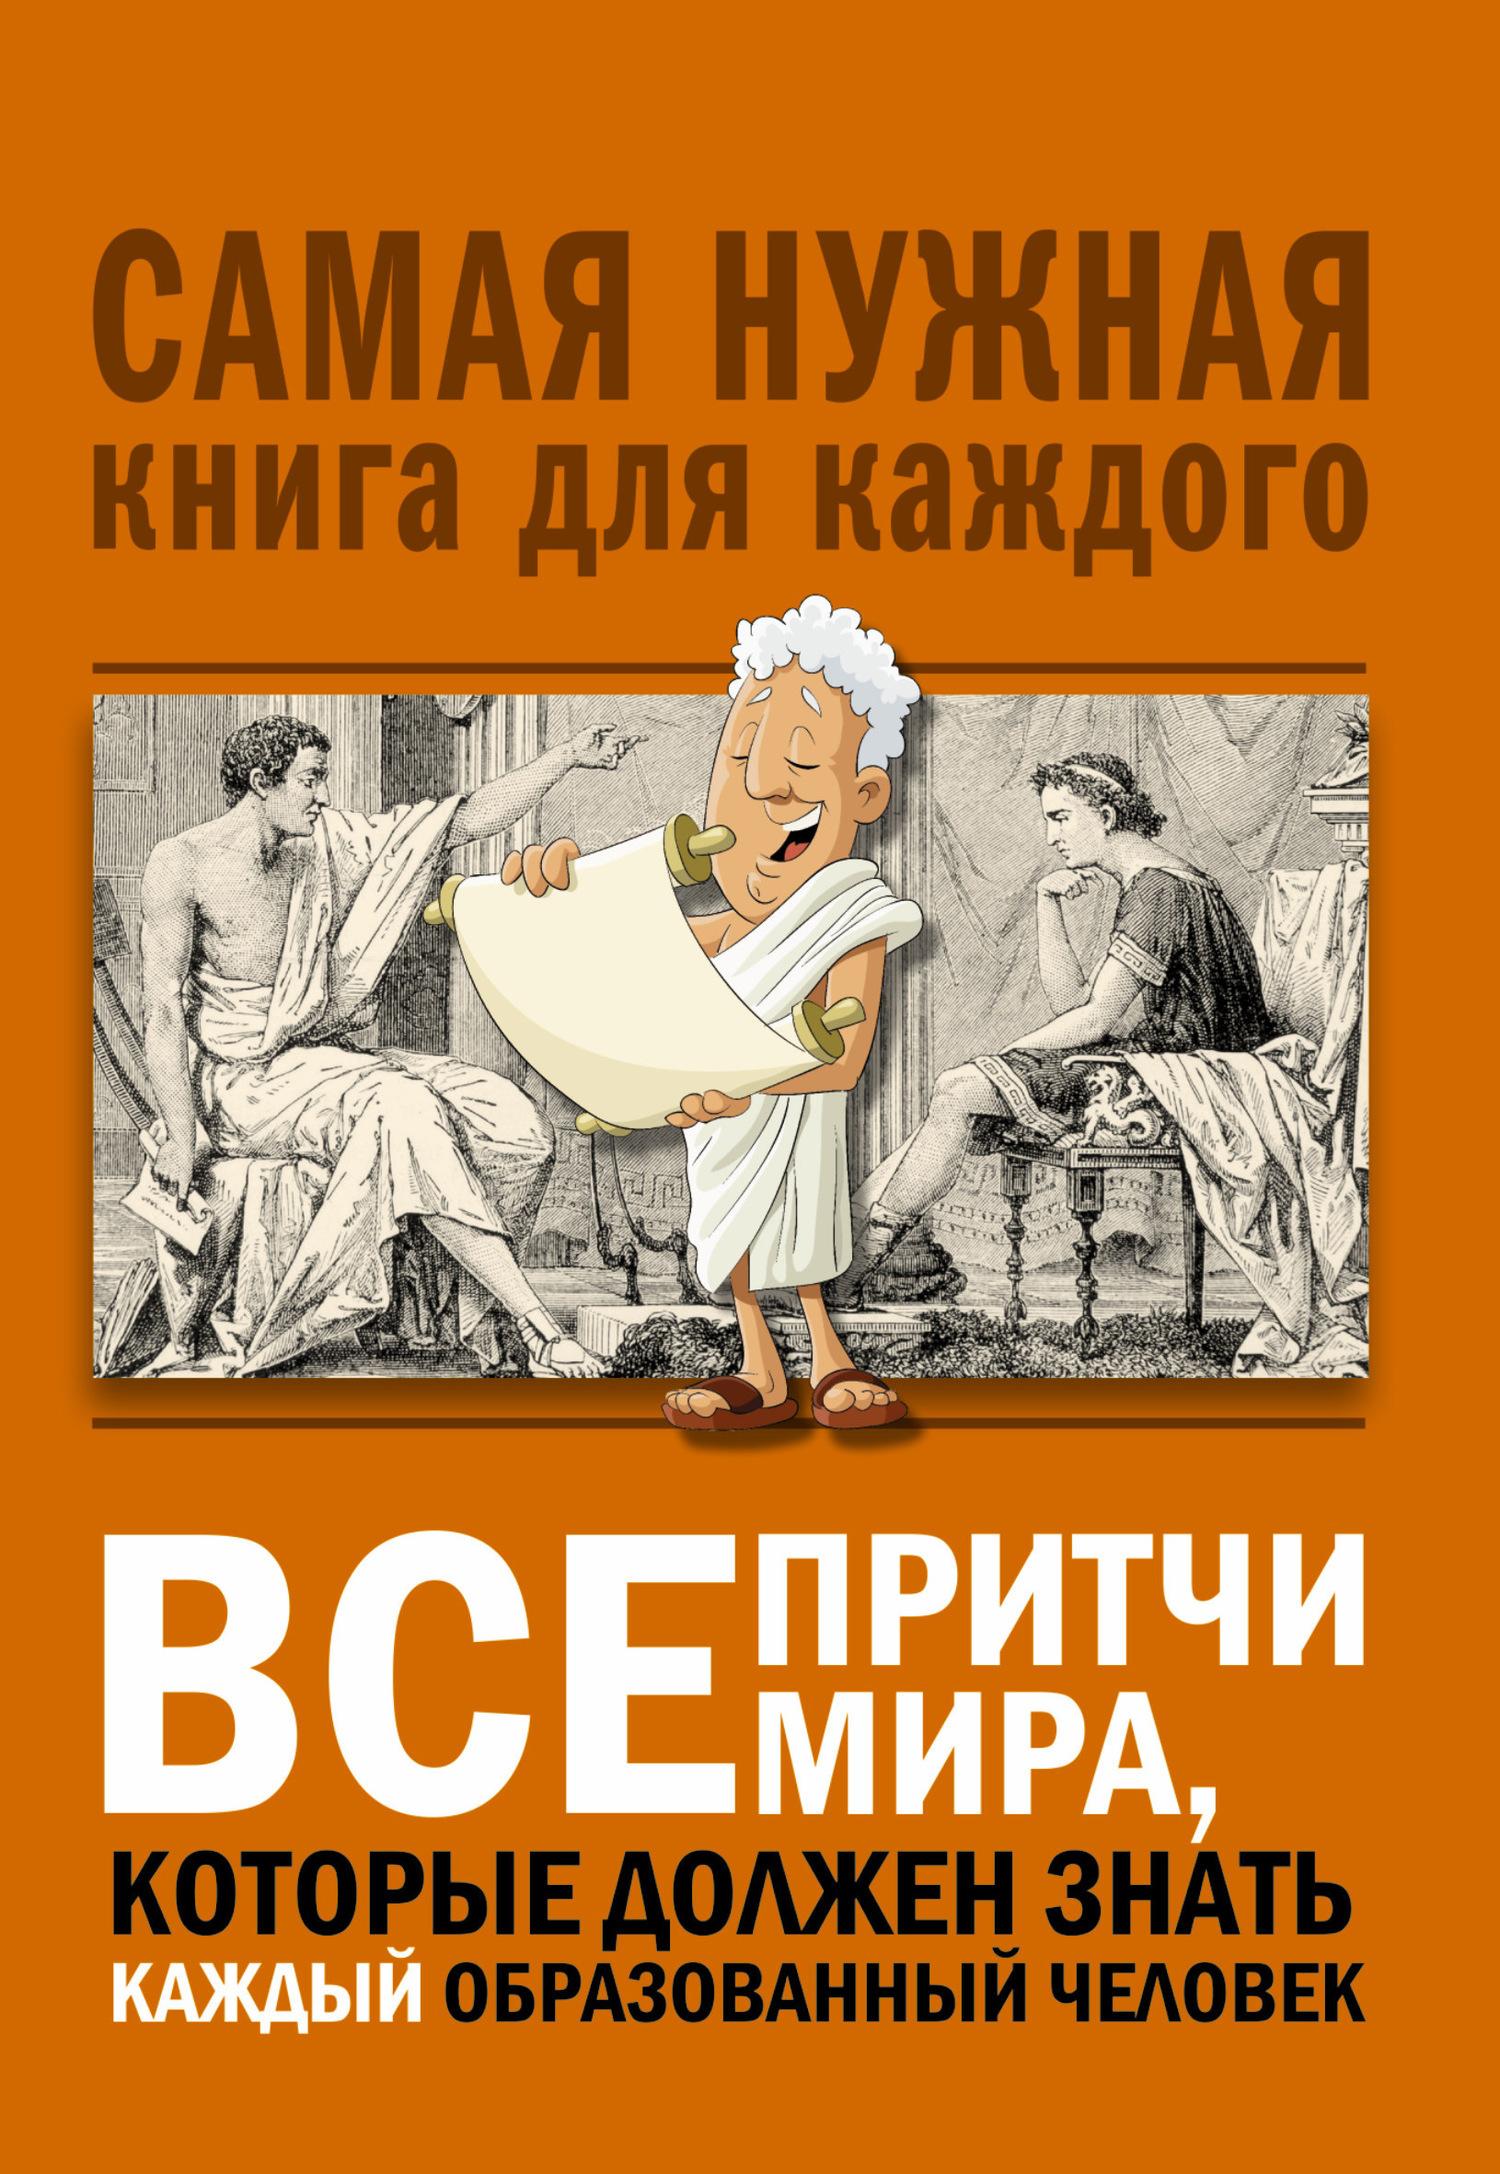 Отсутствует Все притчи мира, которые должен знать каждый образованный человек ISBN: 978-5-17-107158-5 а а спектор все что должен знать каждый образованный человек об истории